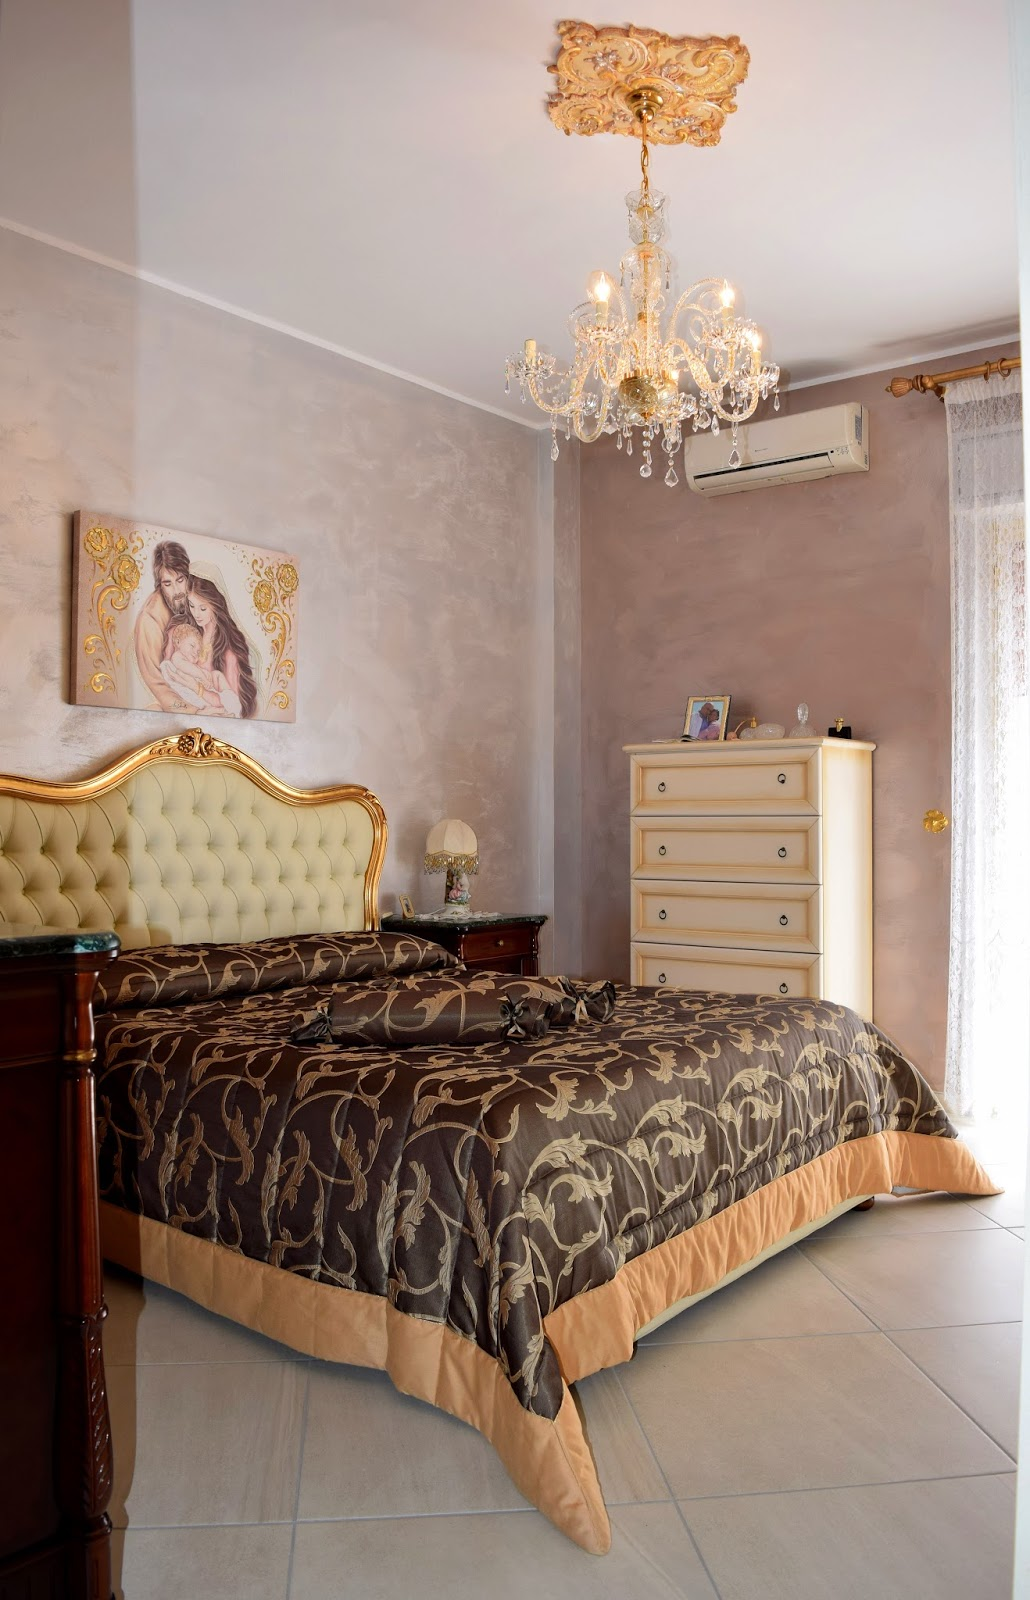 Architetto gaetano frud stanza da letto classica - Stanza da letto classica ...